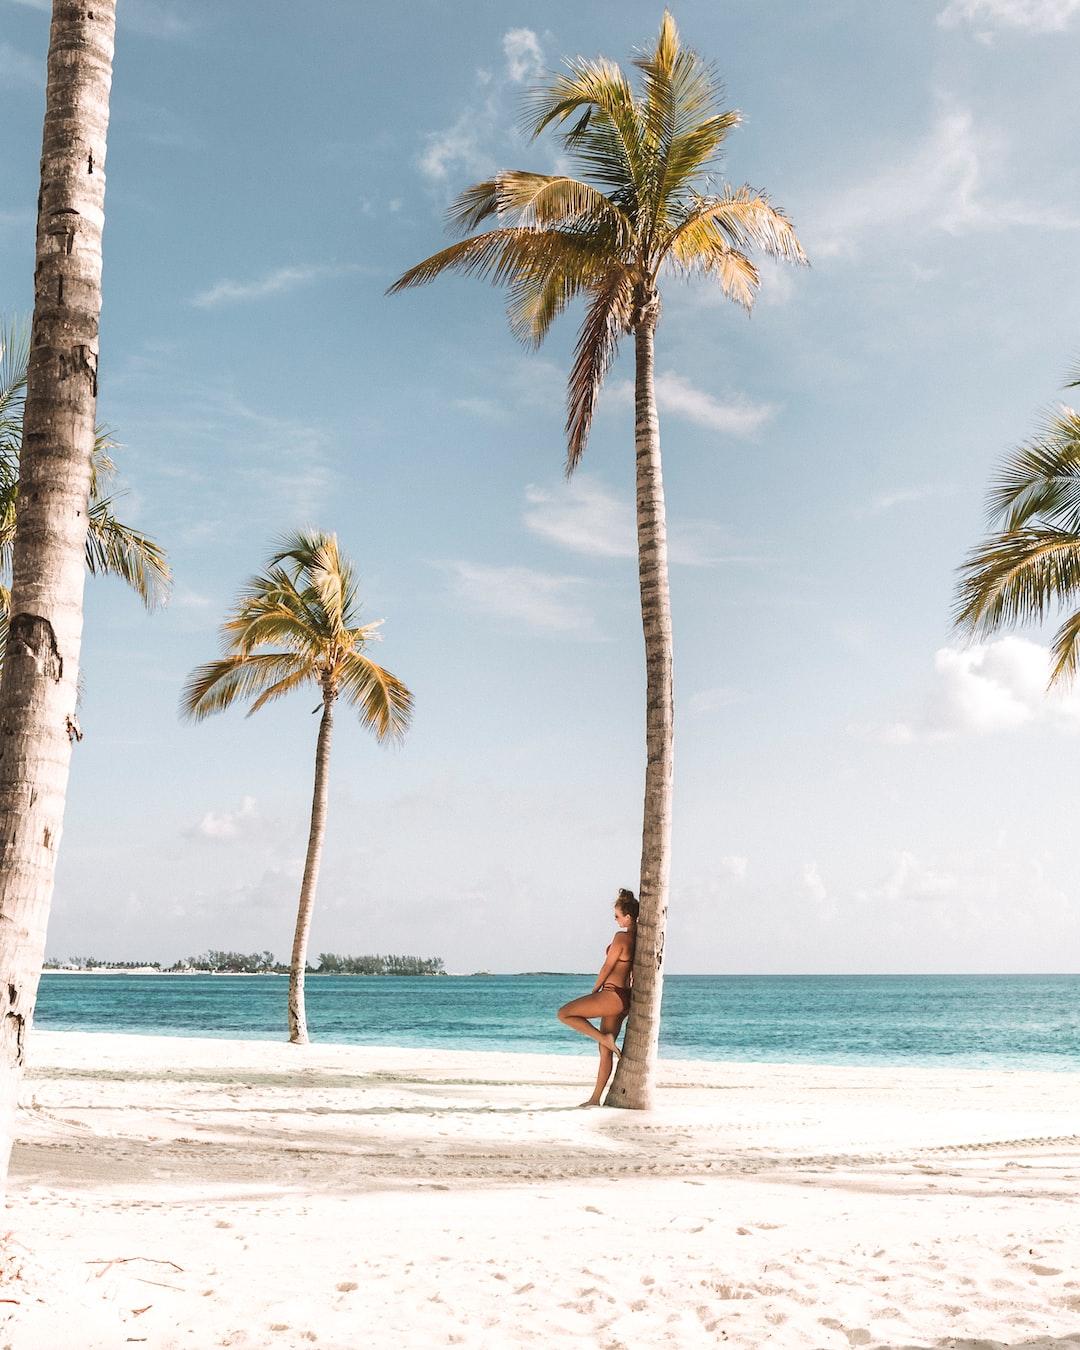 Taken in Nassau, New Providence Bahamas.